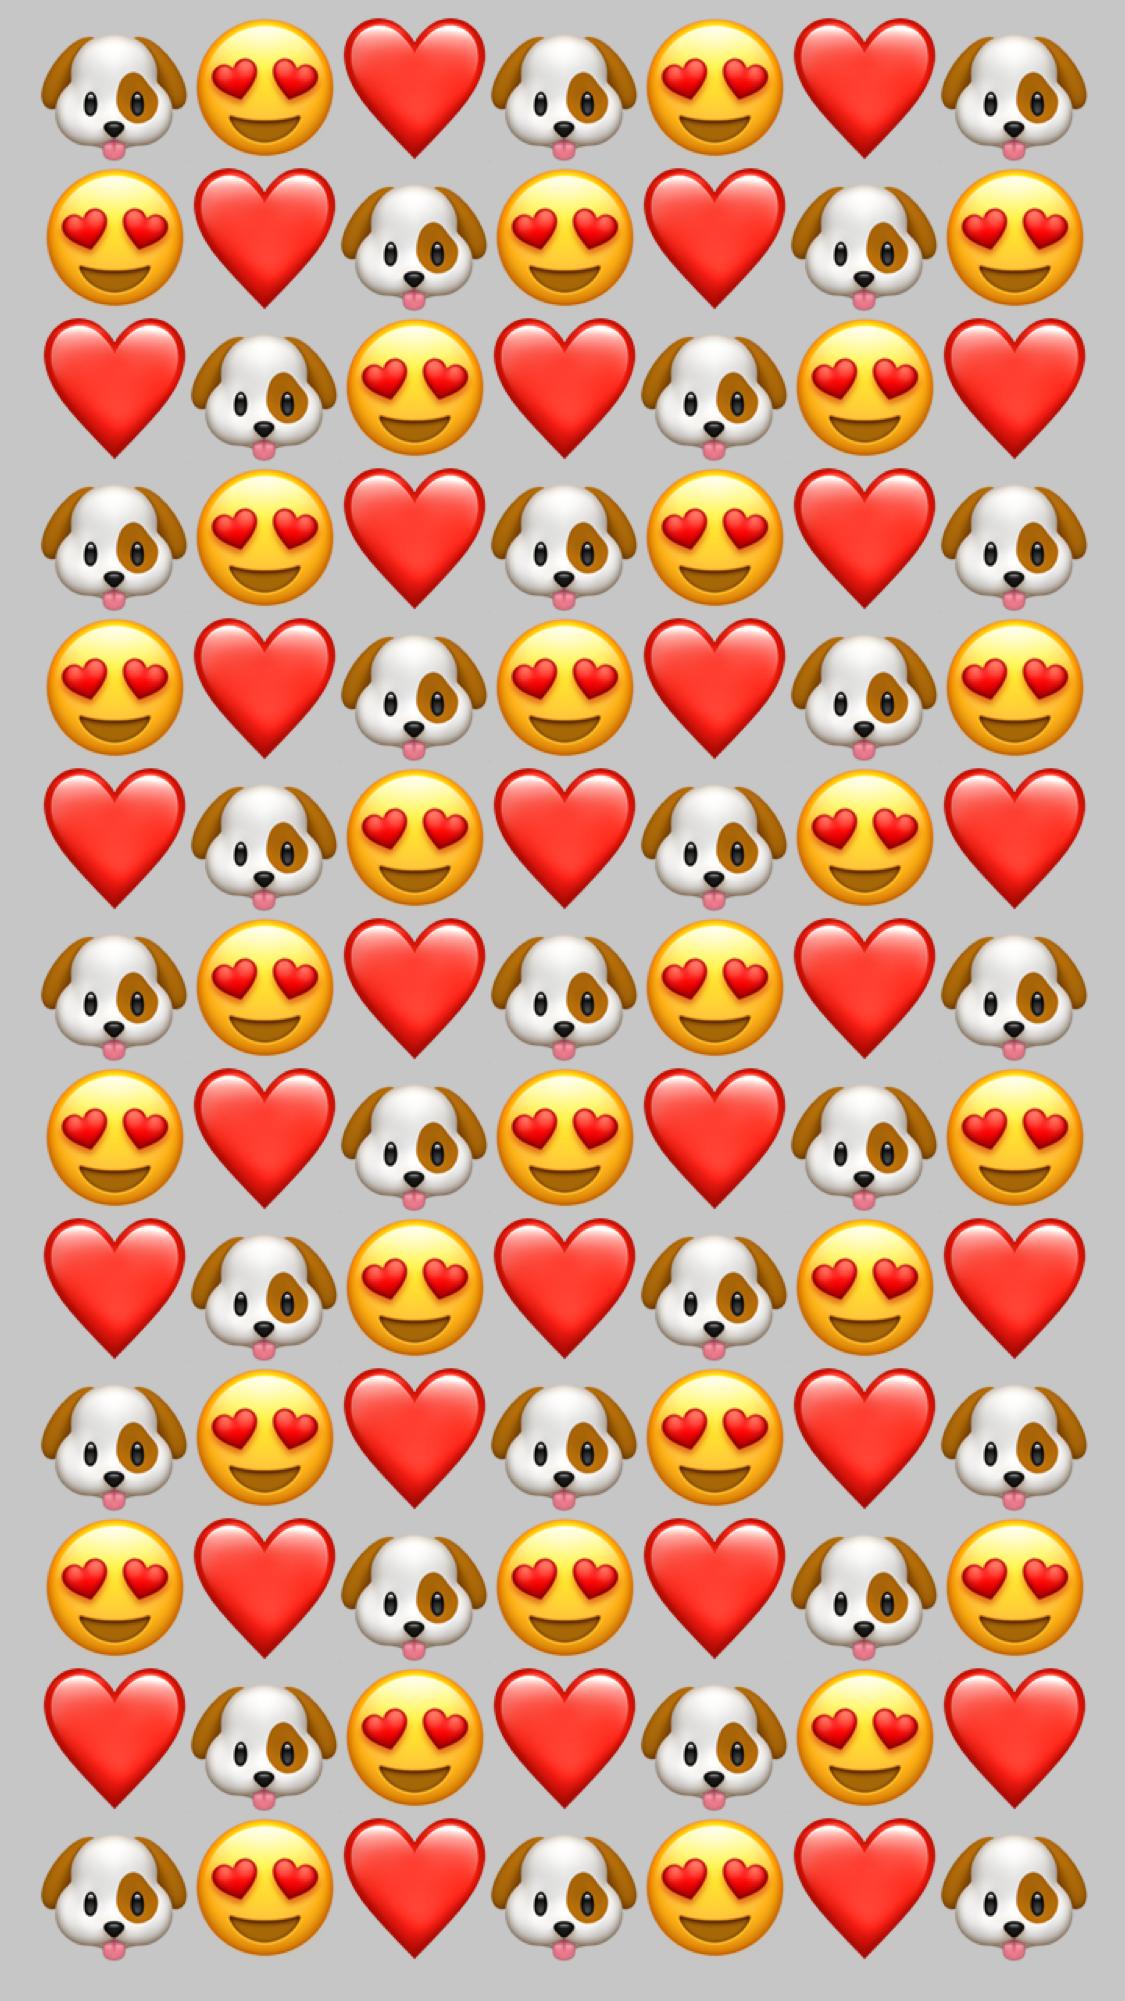 45 Emoji Iphone Wallpaper On Wallpapersafari